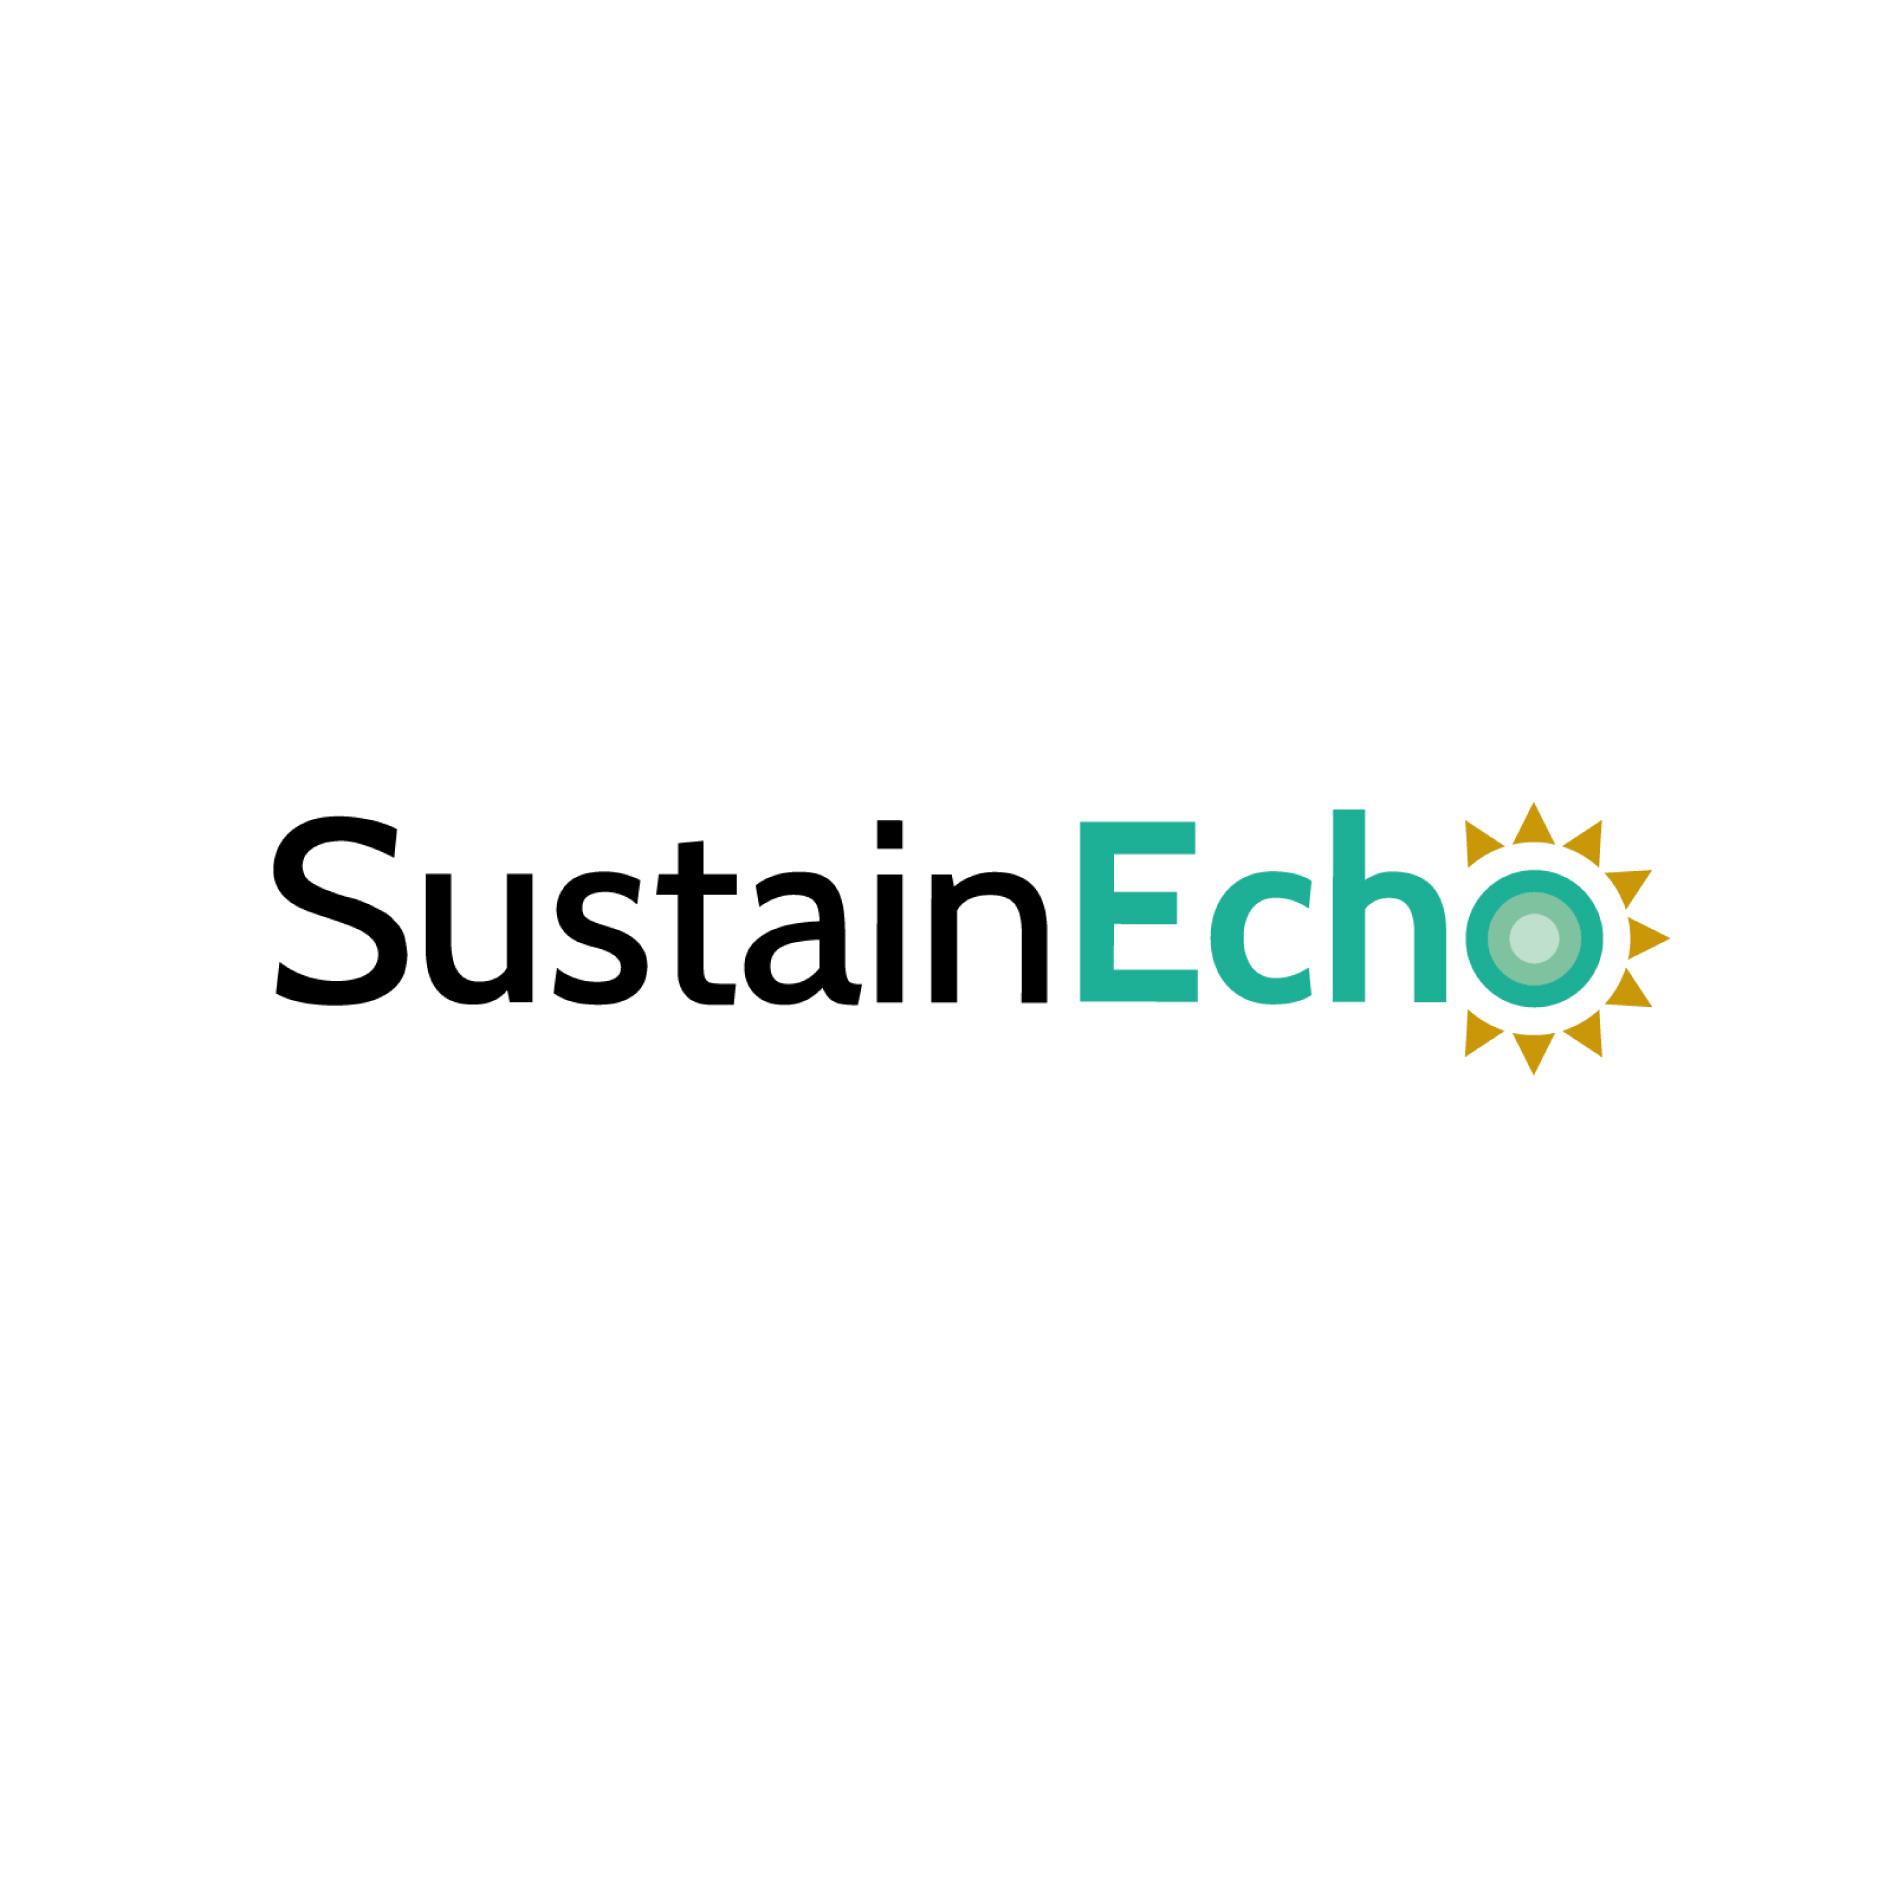 SustainEcho